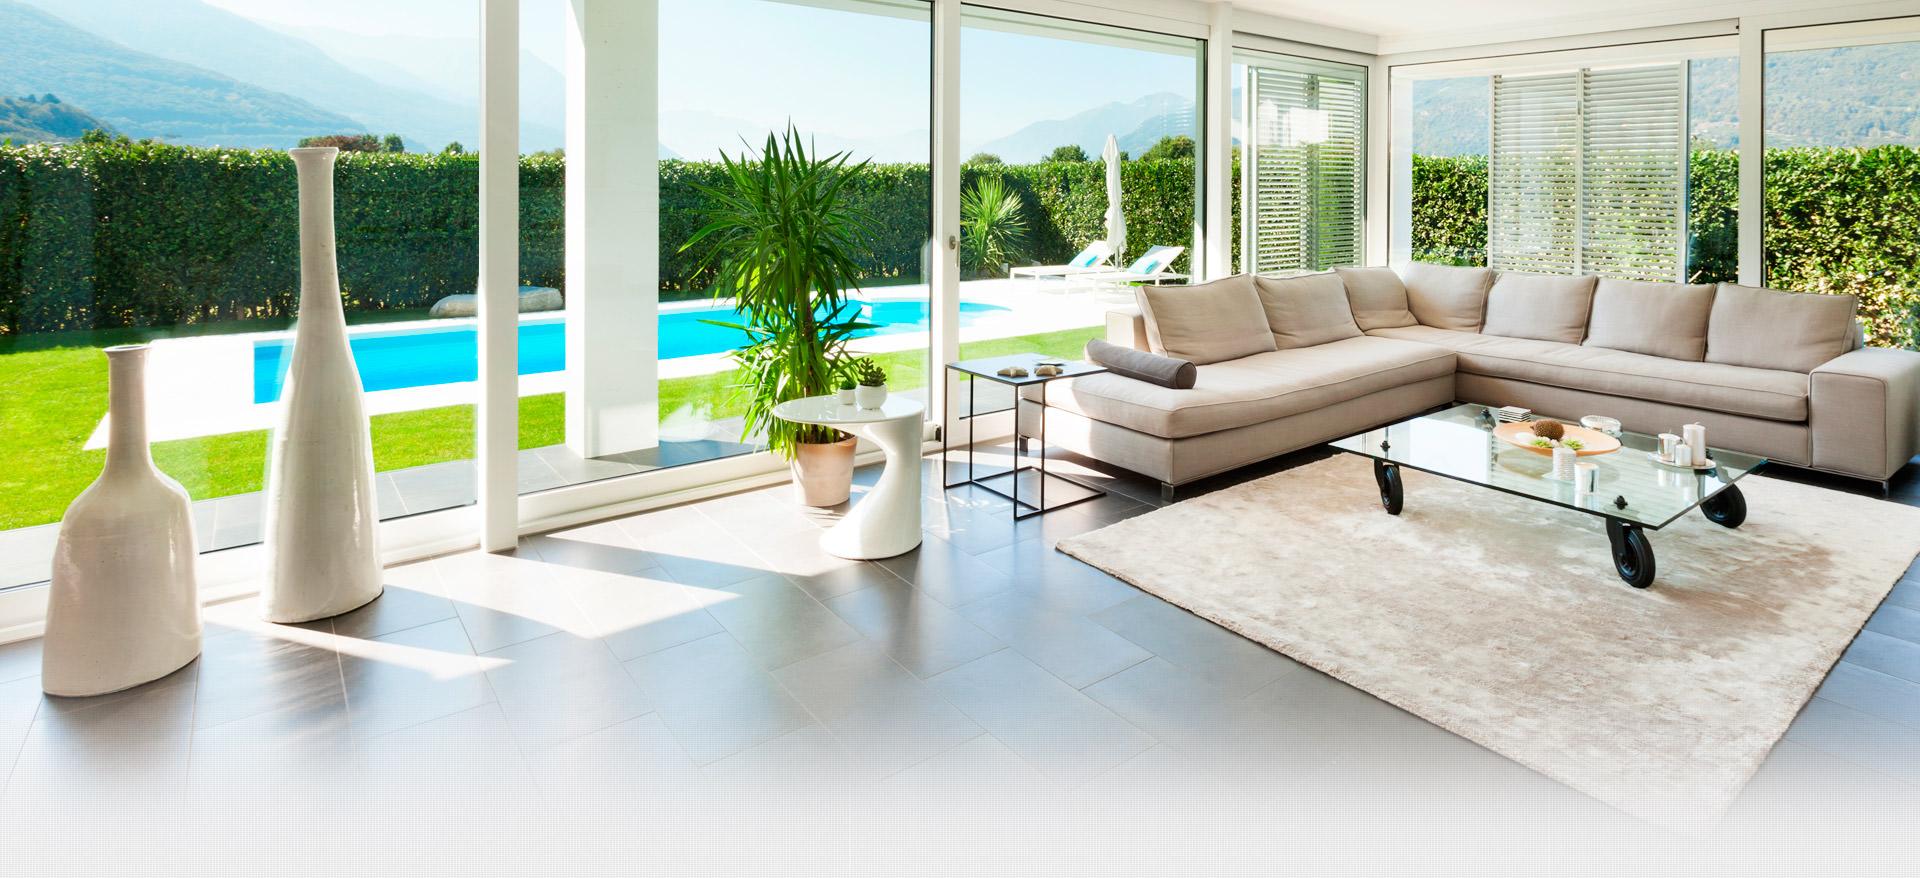 Valutazione immobili agenzia progetto casa - Casa it valutazione immobili ...